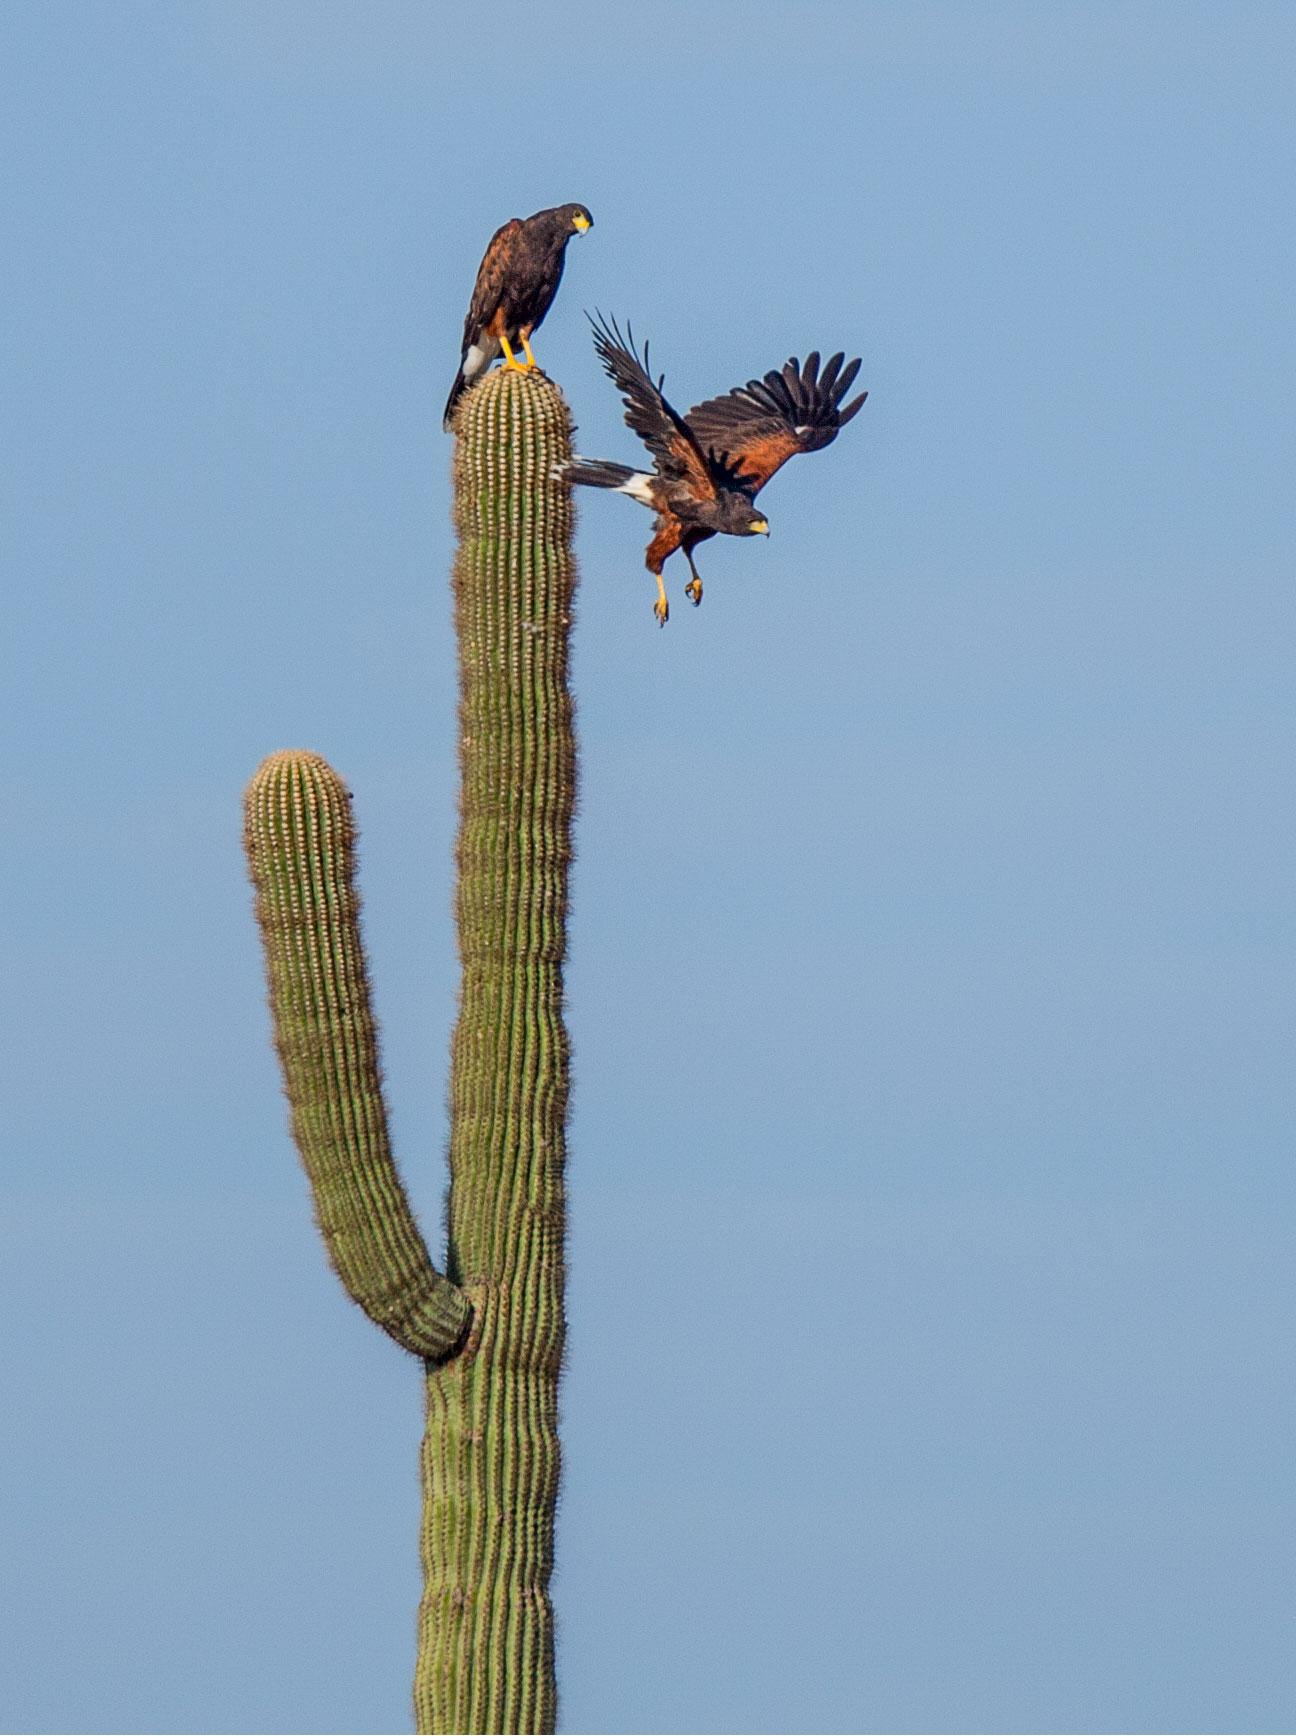 Harris's Hawks. Richard Simonsen